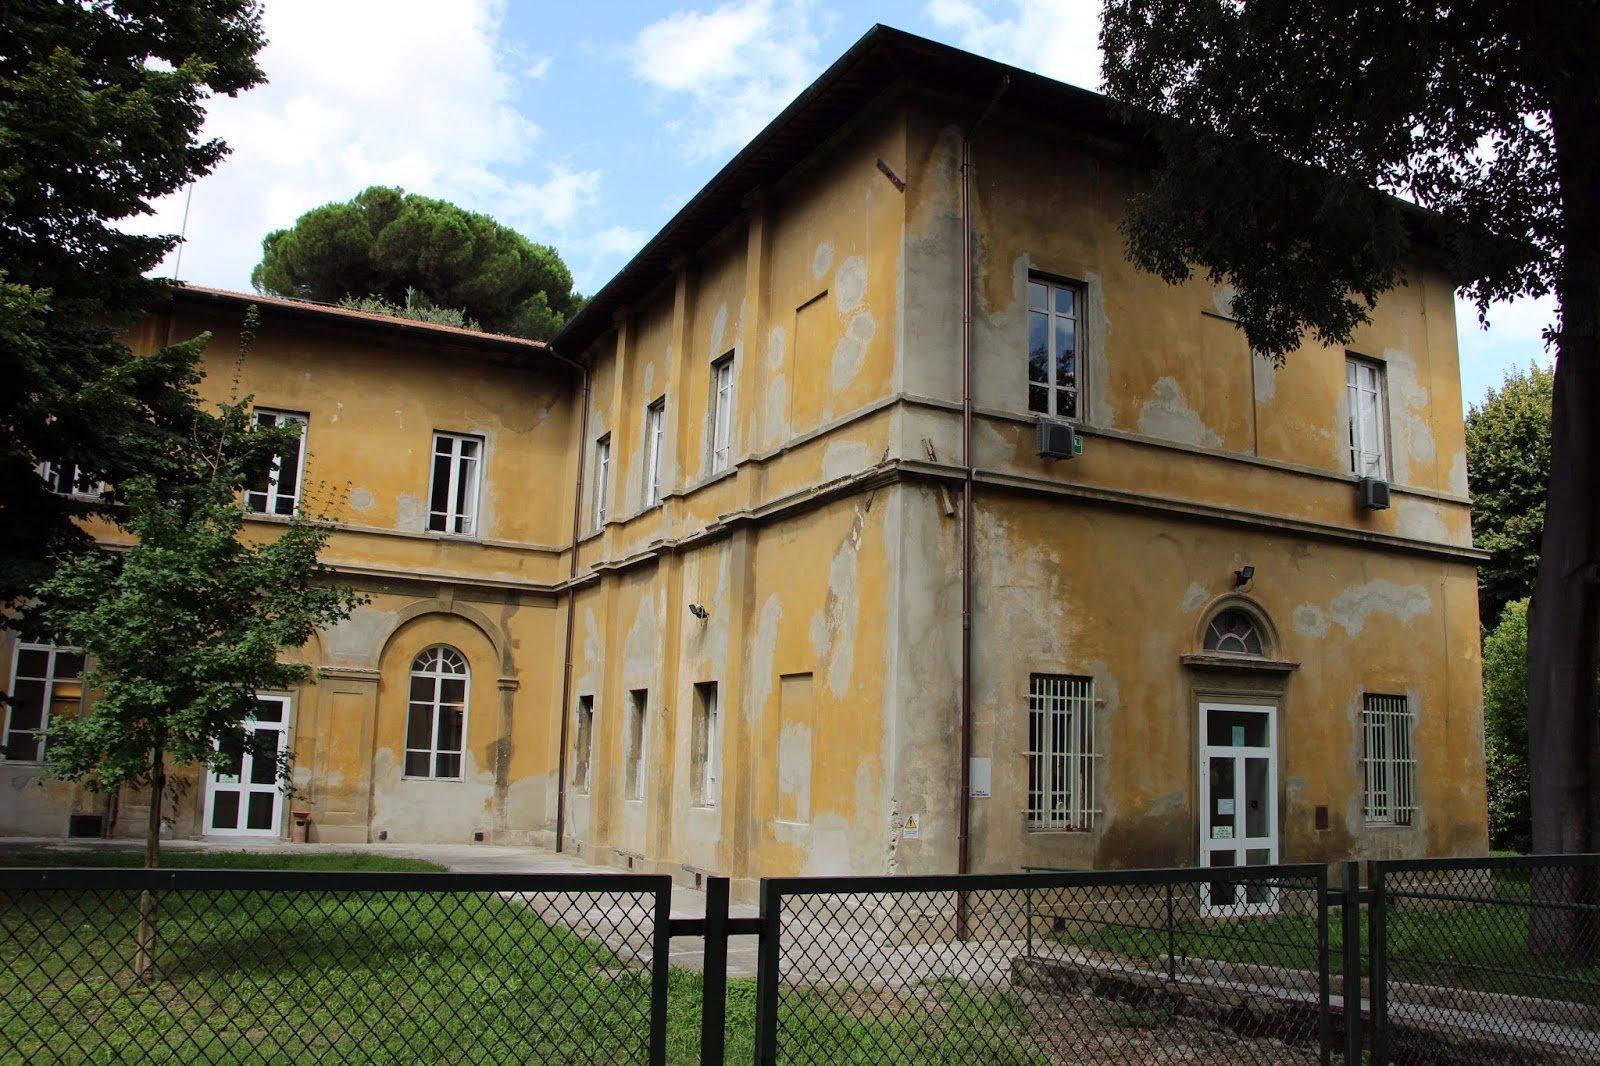 Firenze: Palazzina Asl San Salvi, situazione preoccupante